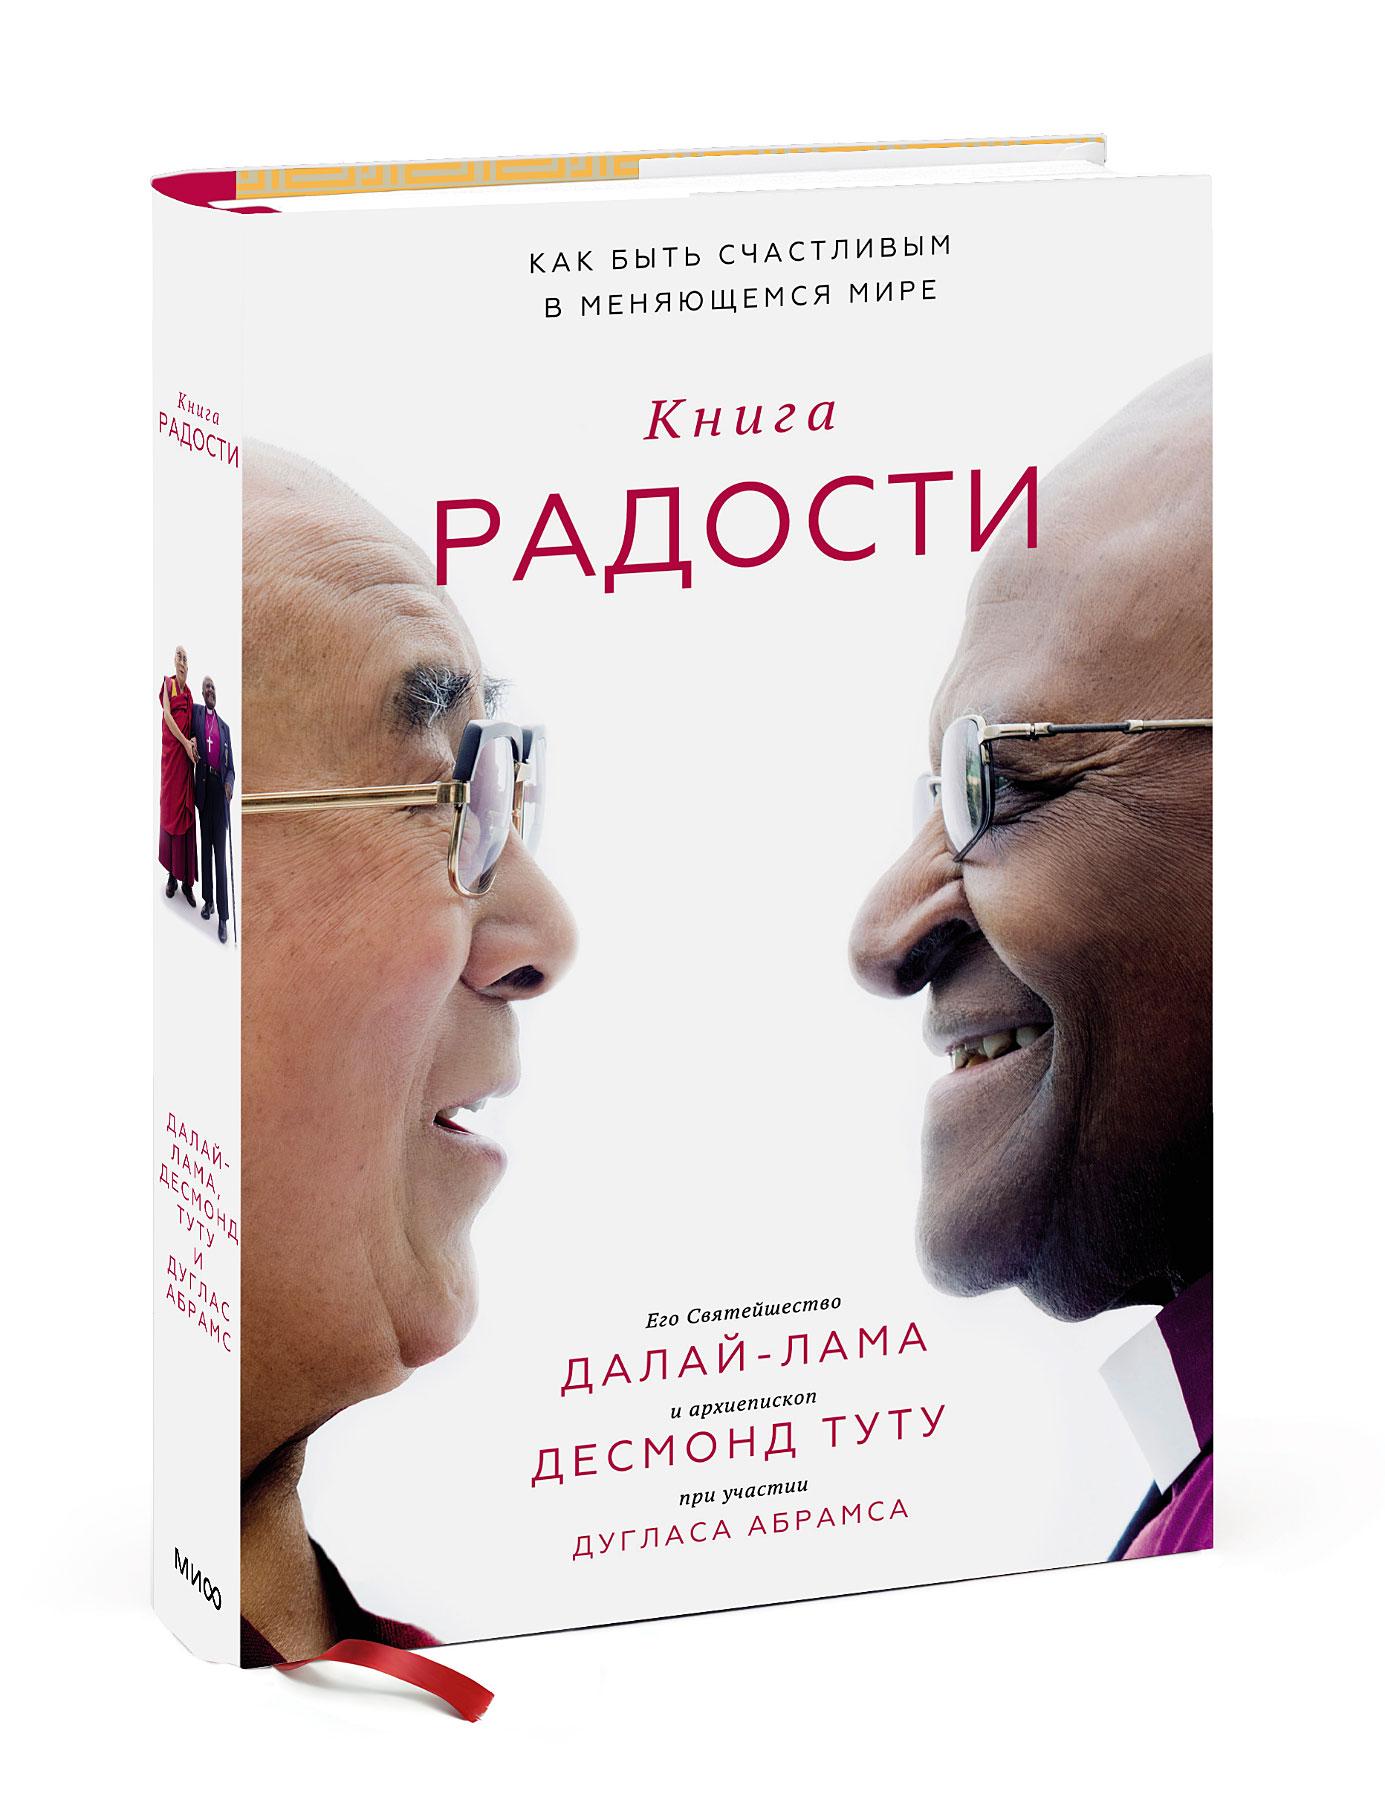 Далай-лама, Десмонд Туту и Дуглас Абрамс Книга радости. Как быть счастливым в меняющемся мире авиабилеты туту